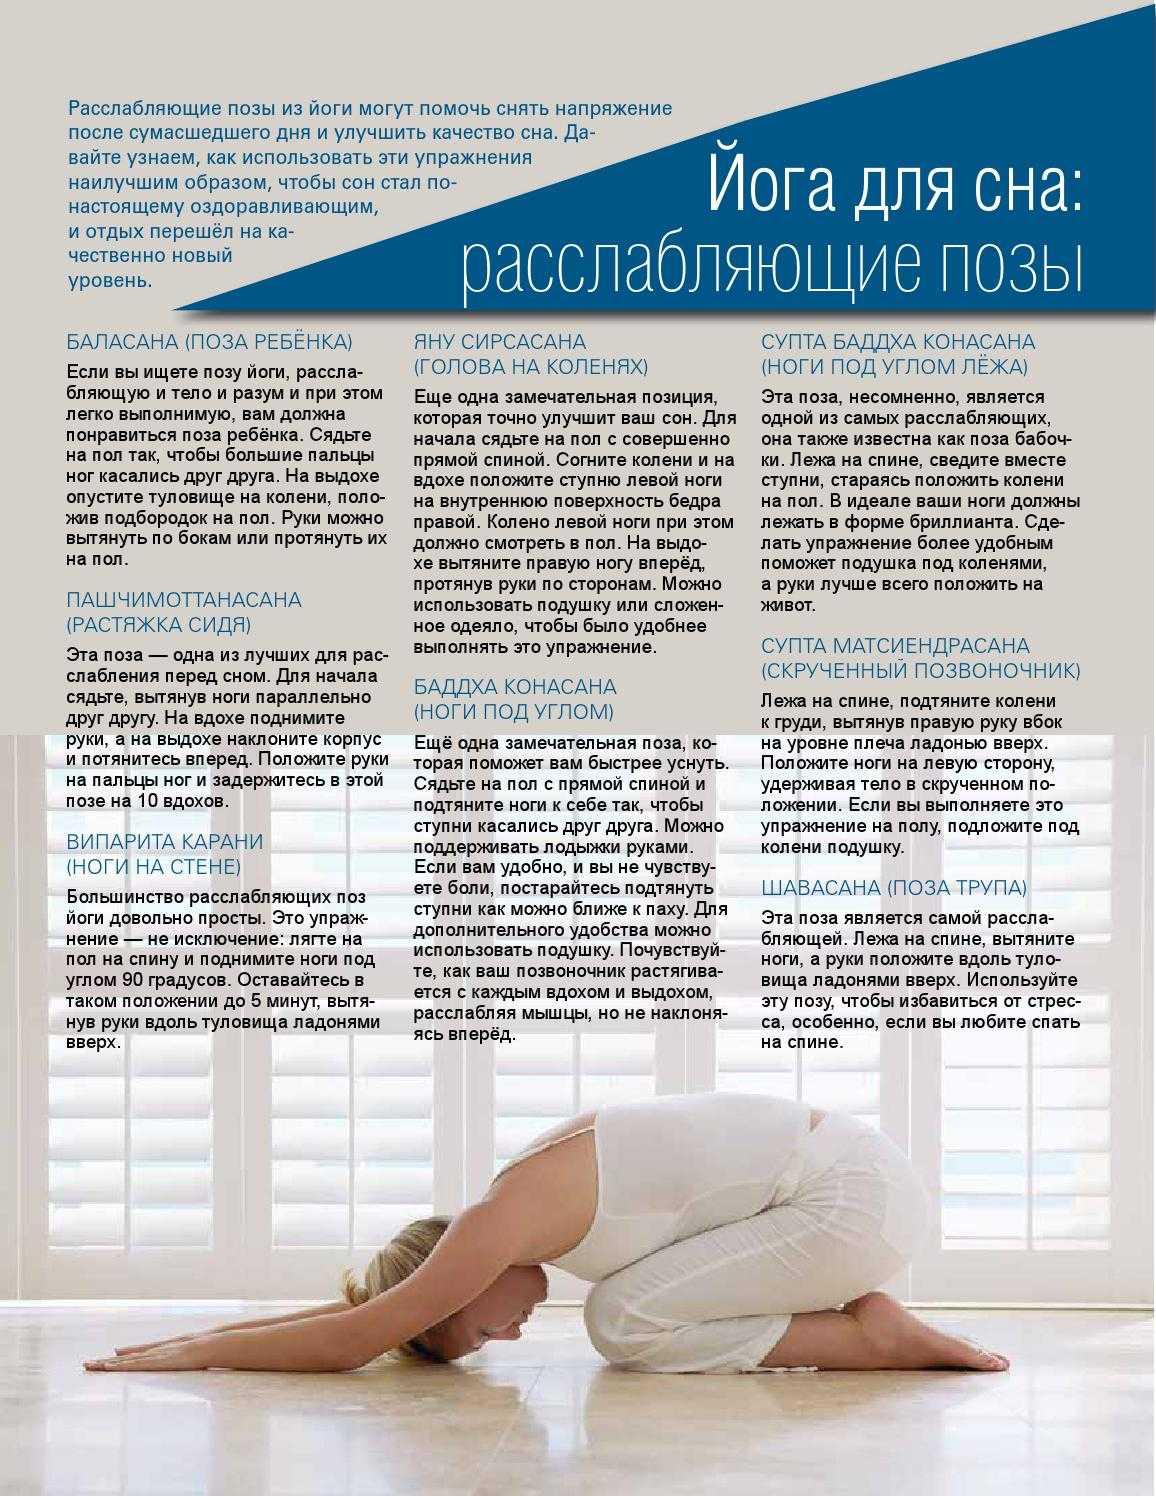 Расслабляющая йога перед отходом ко сну: примерные комплексы упражнений